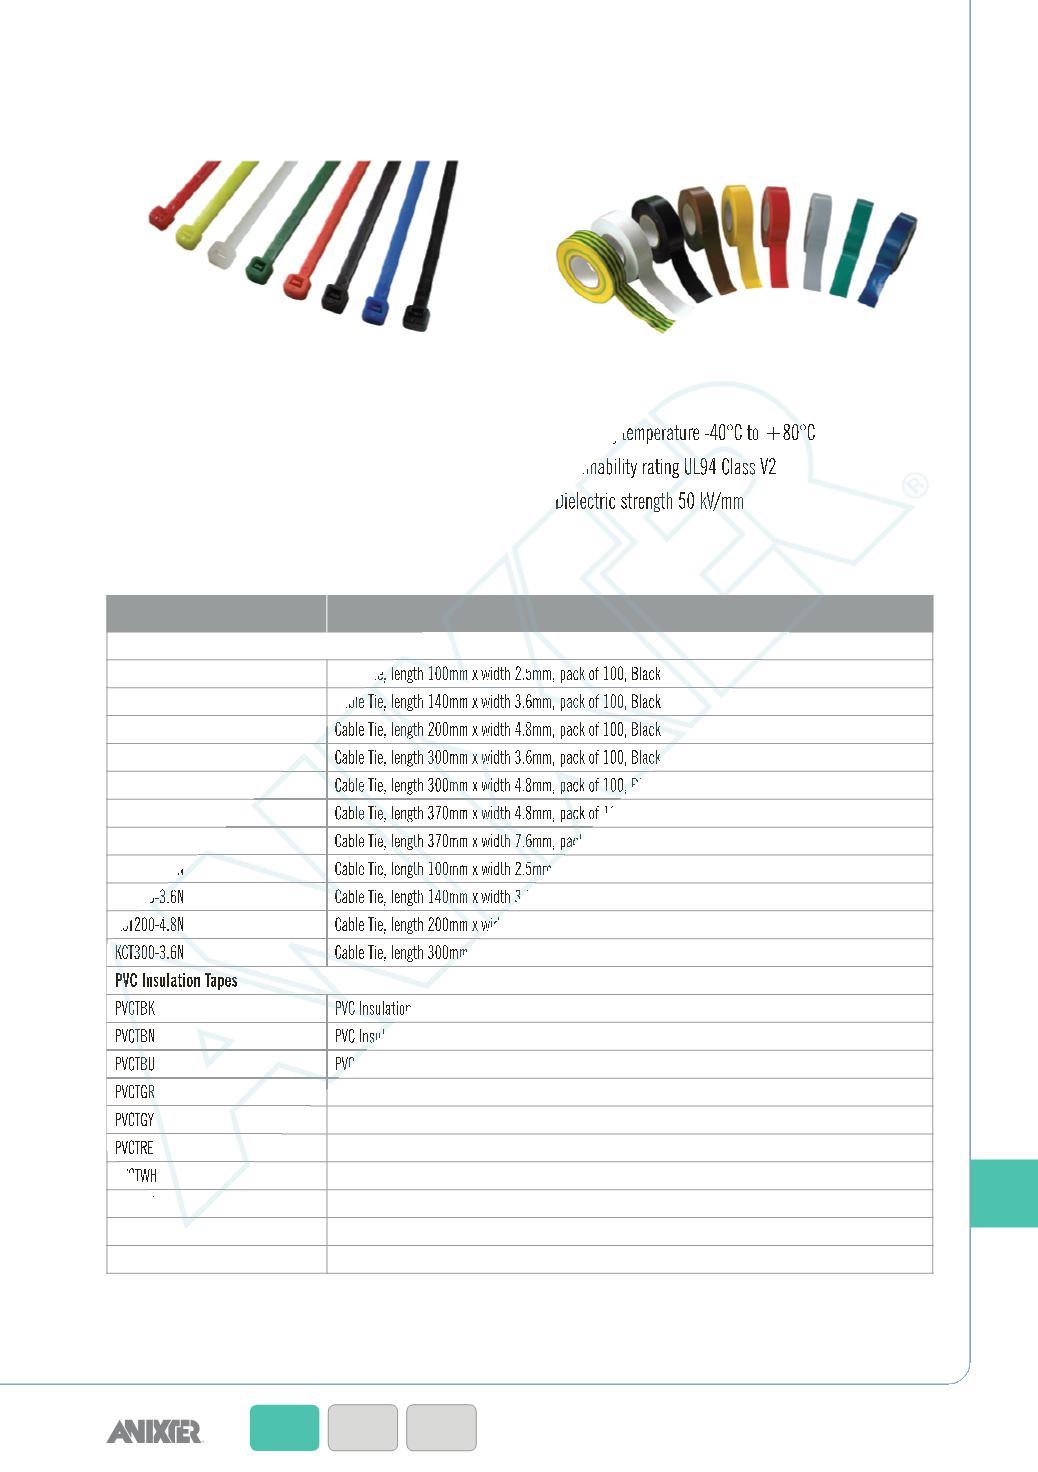 Fantastic Bbbind Com Images - Best Images for wiring diagram ...